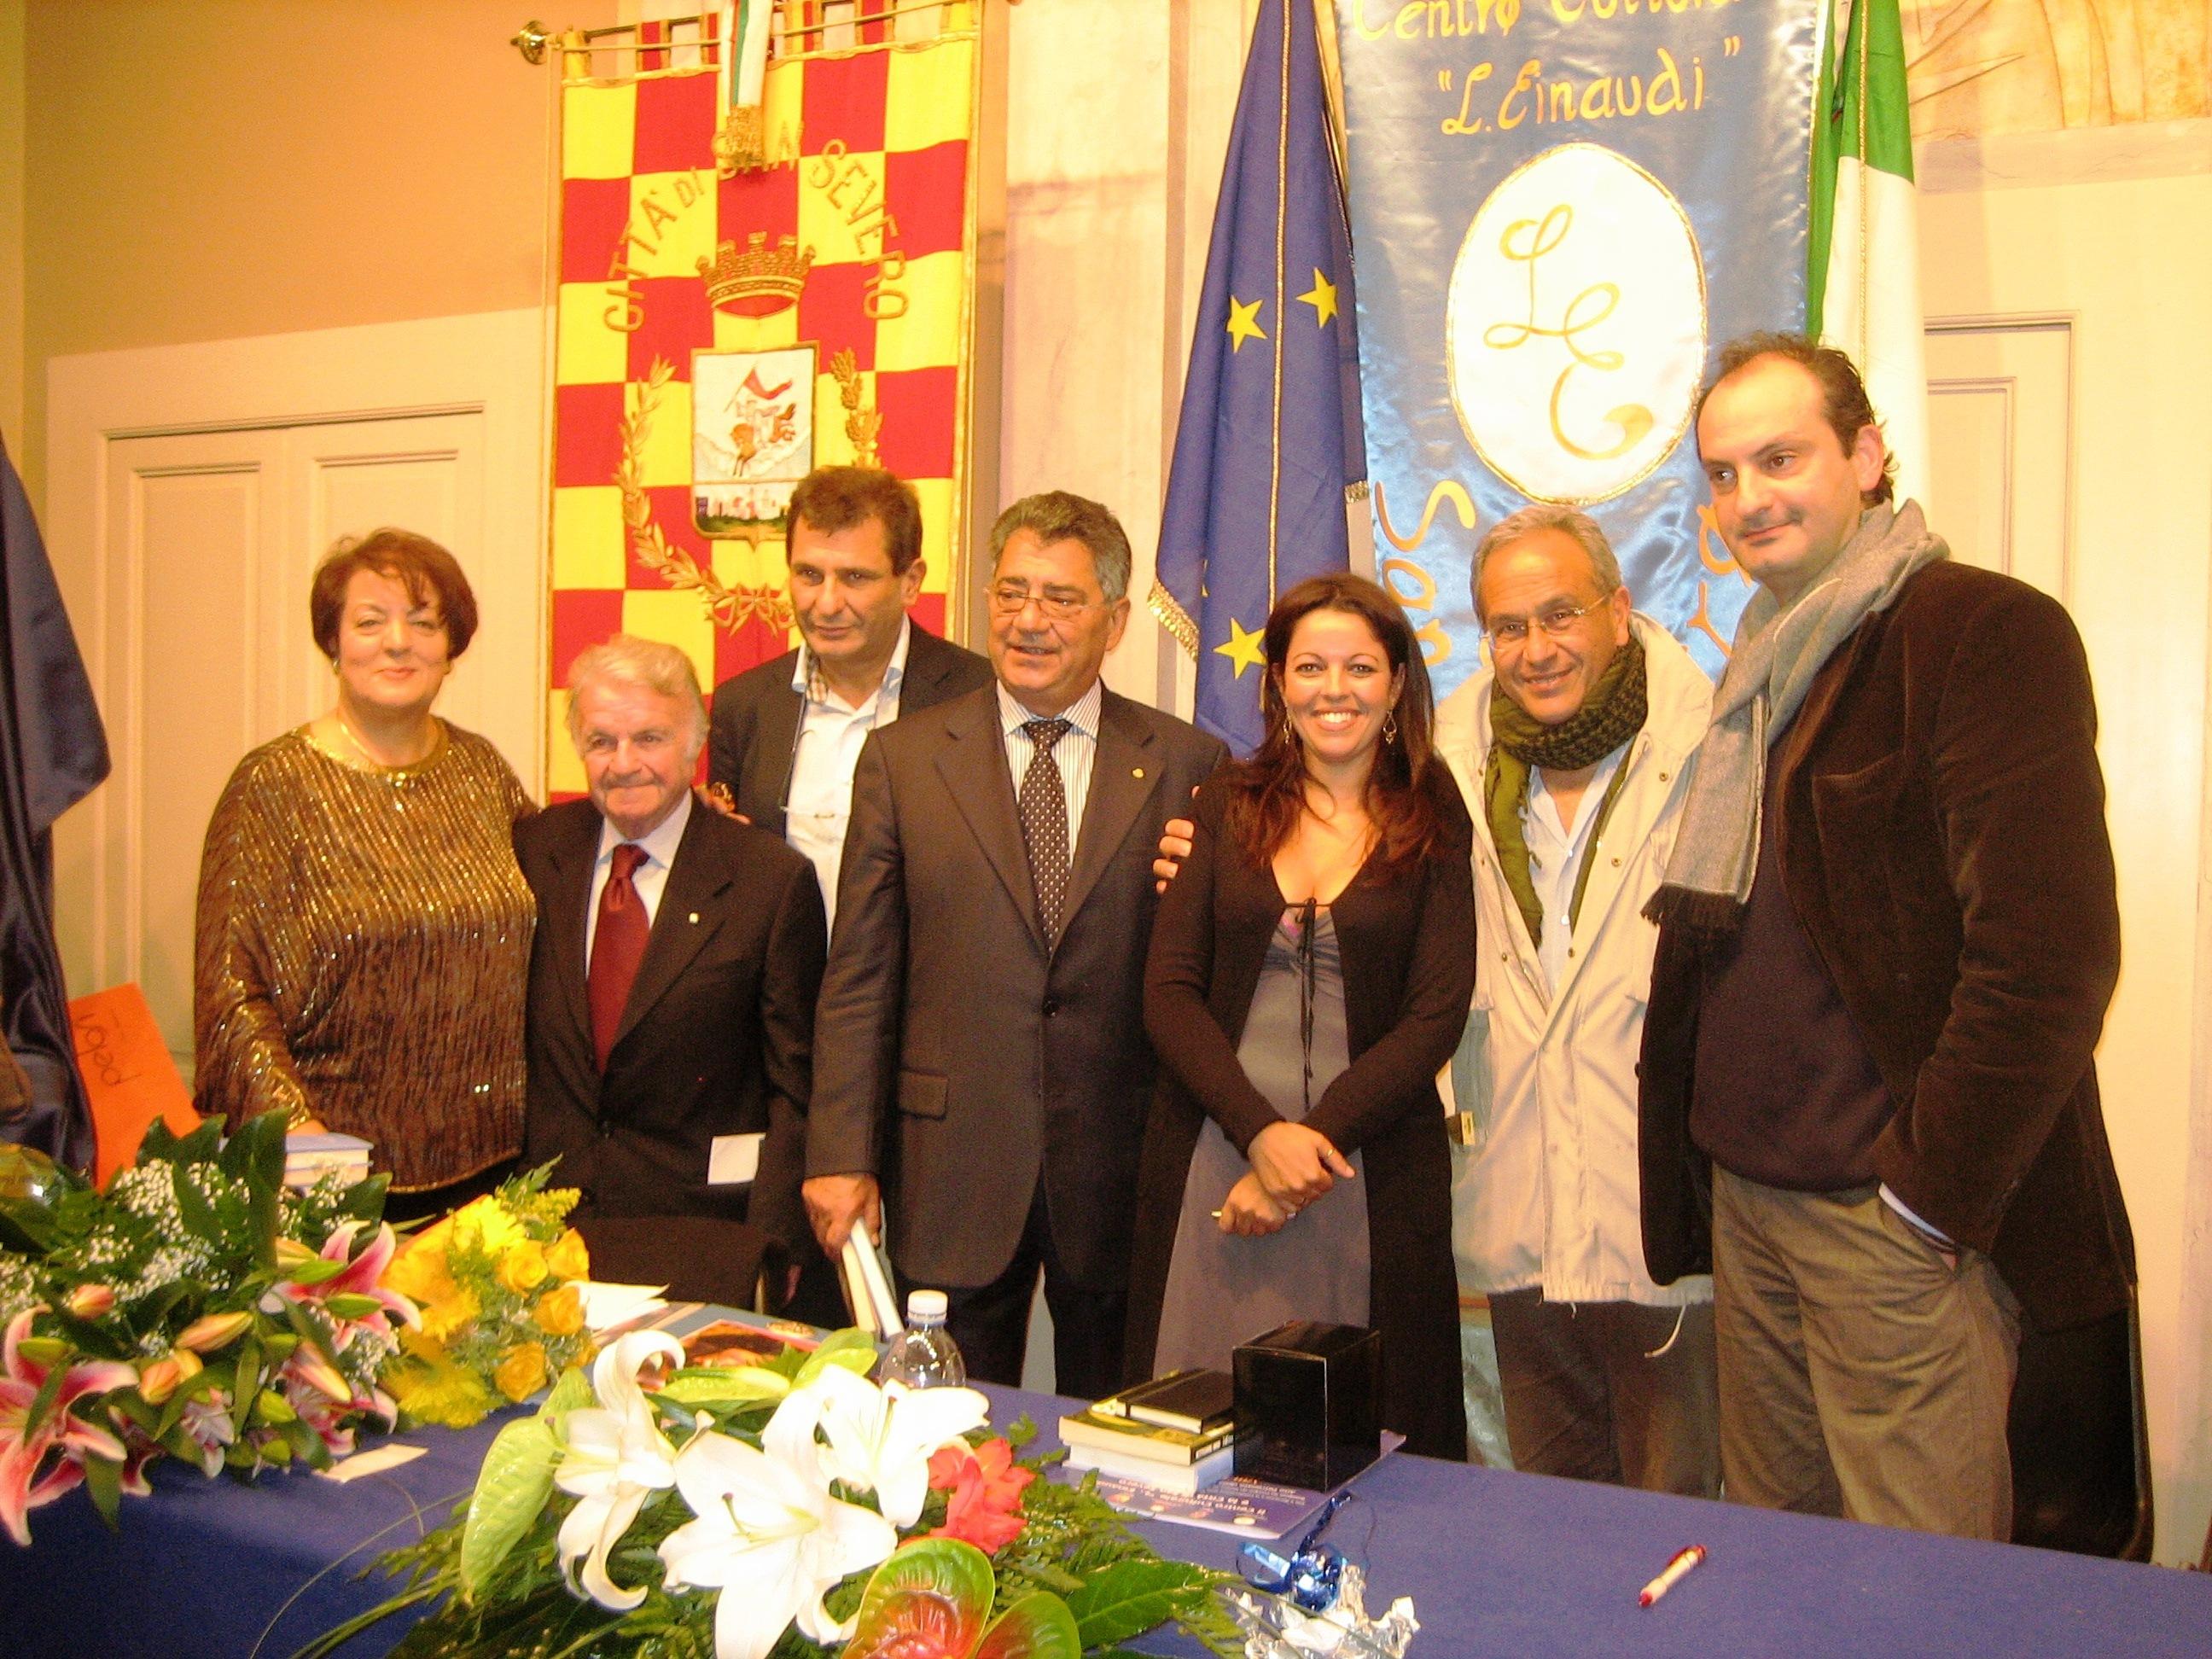 2010 foto di gruppo